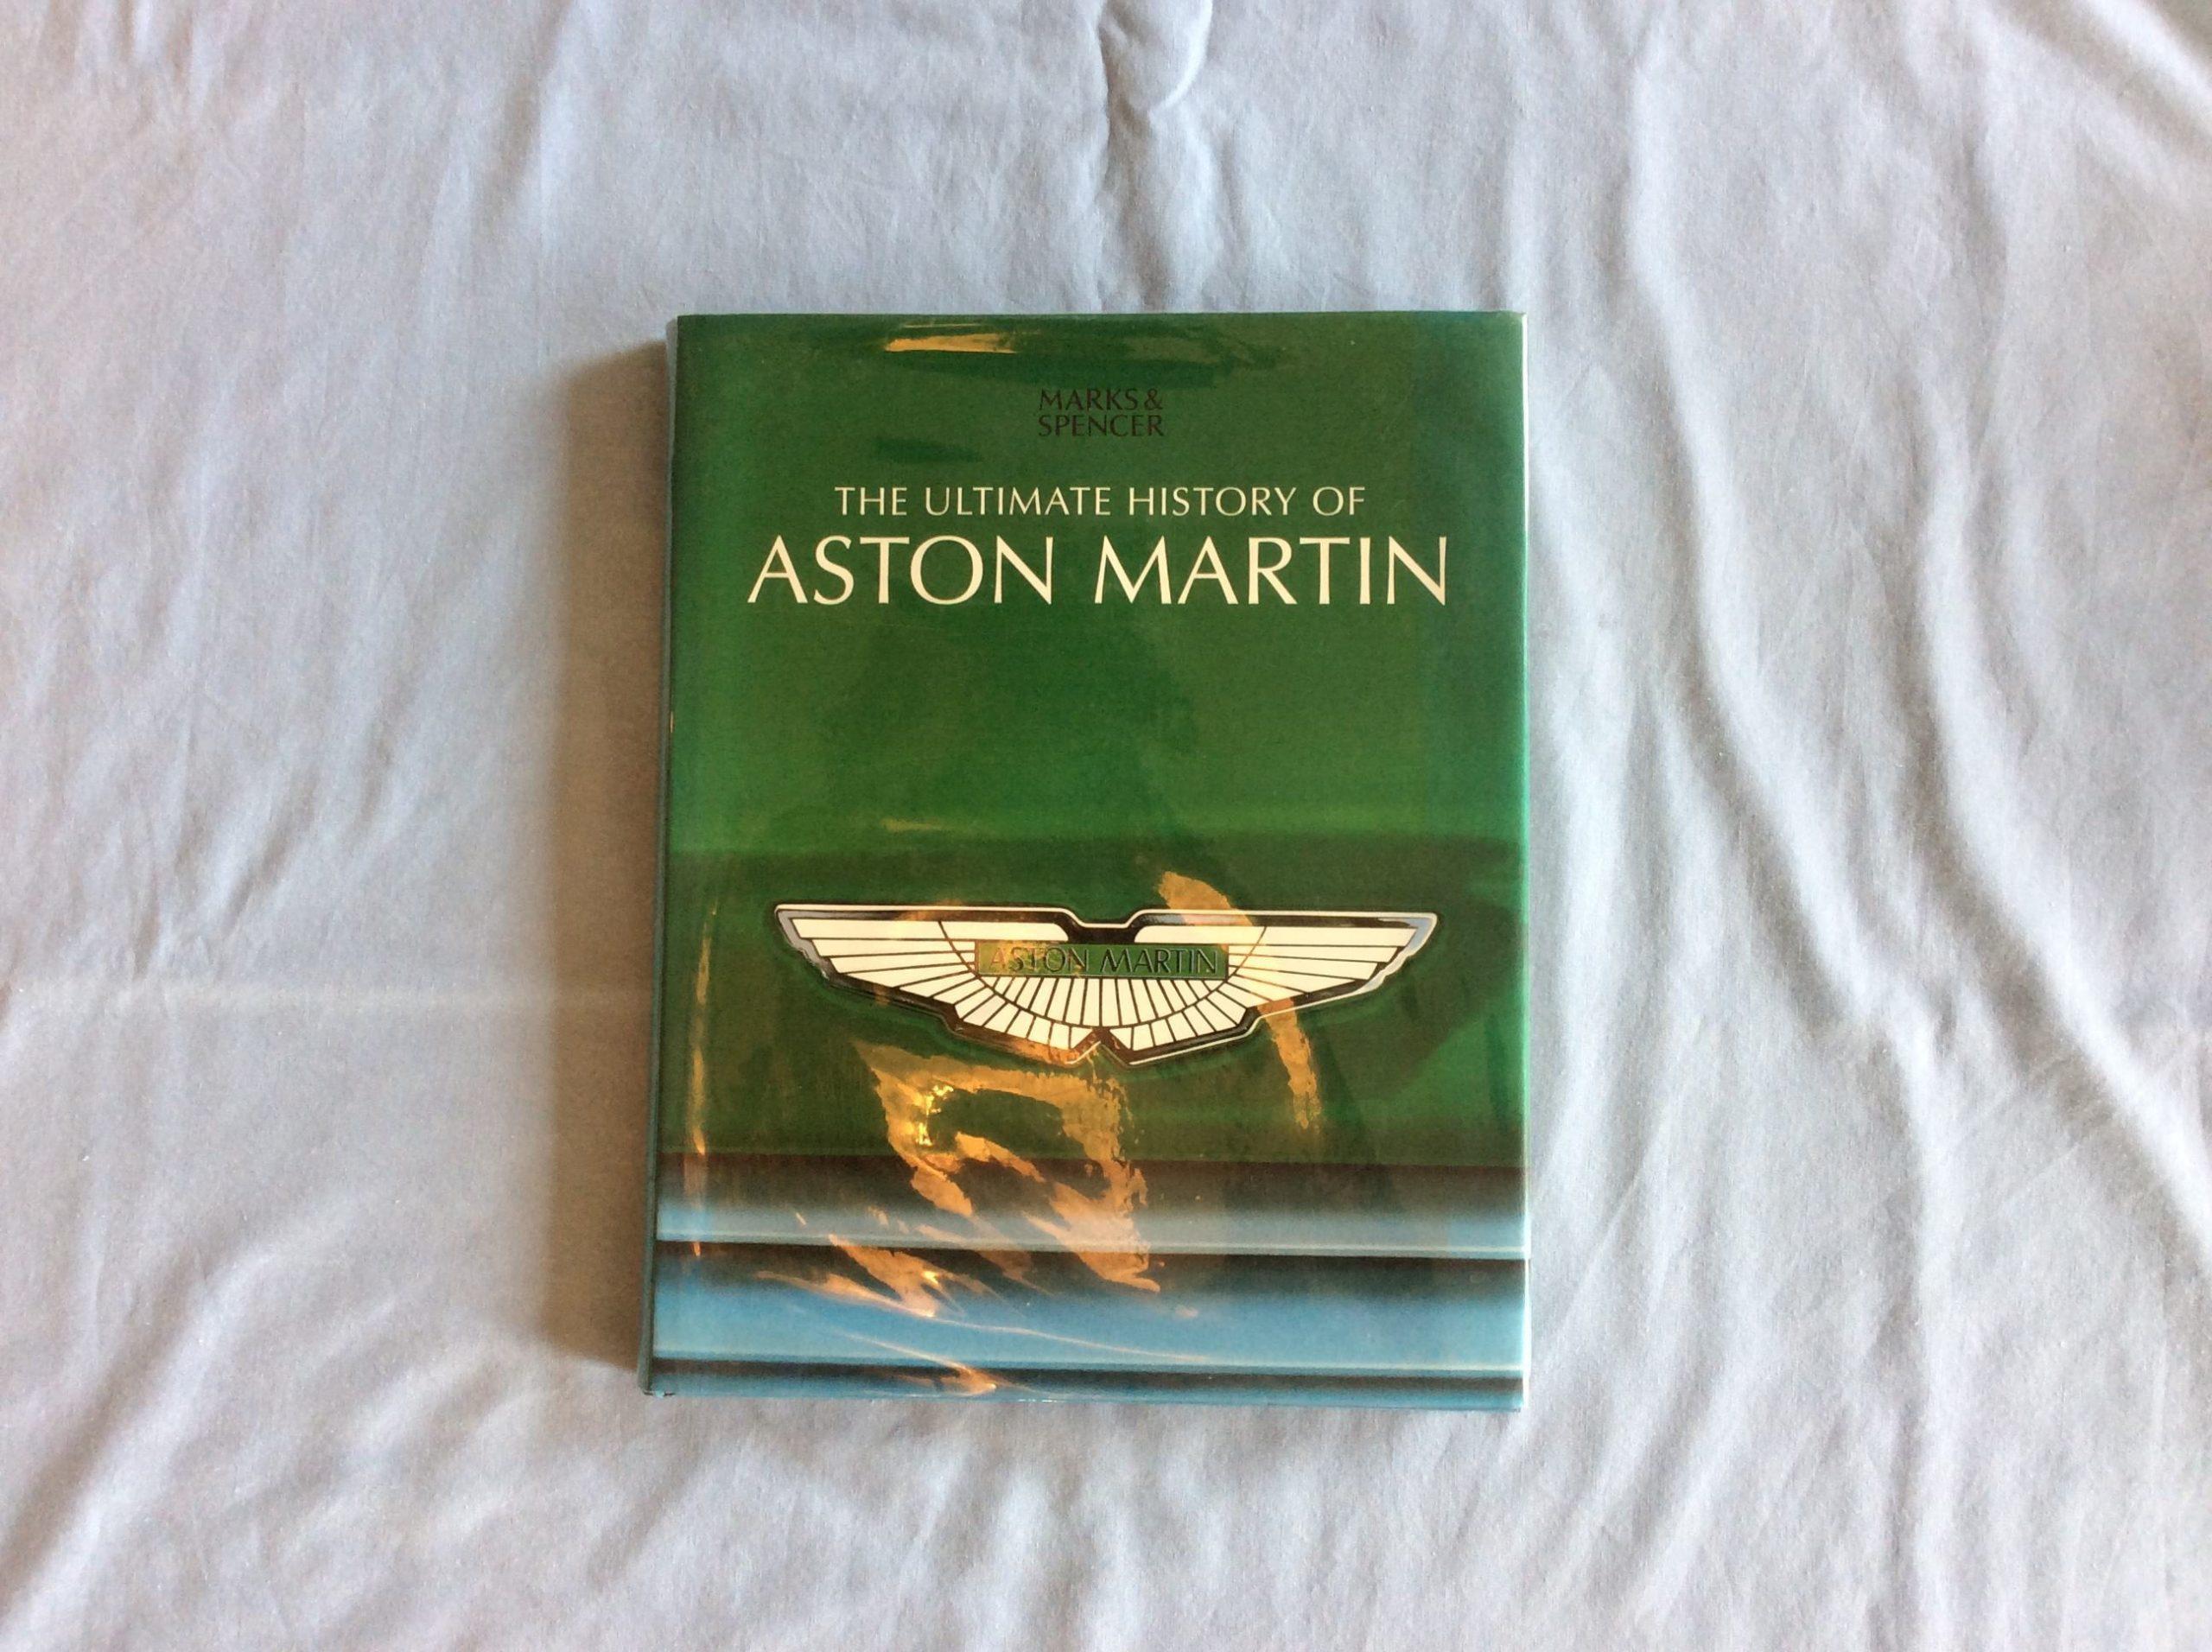 Aston Martin Classic Aston Martin Memorabilia Aston Martin Books The Ultimate History Of Aston Martin Book Autotreasures